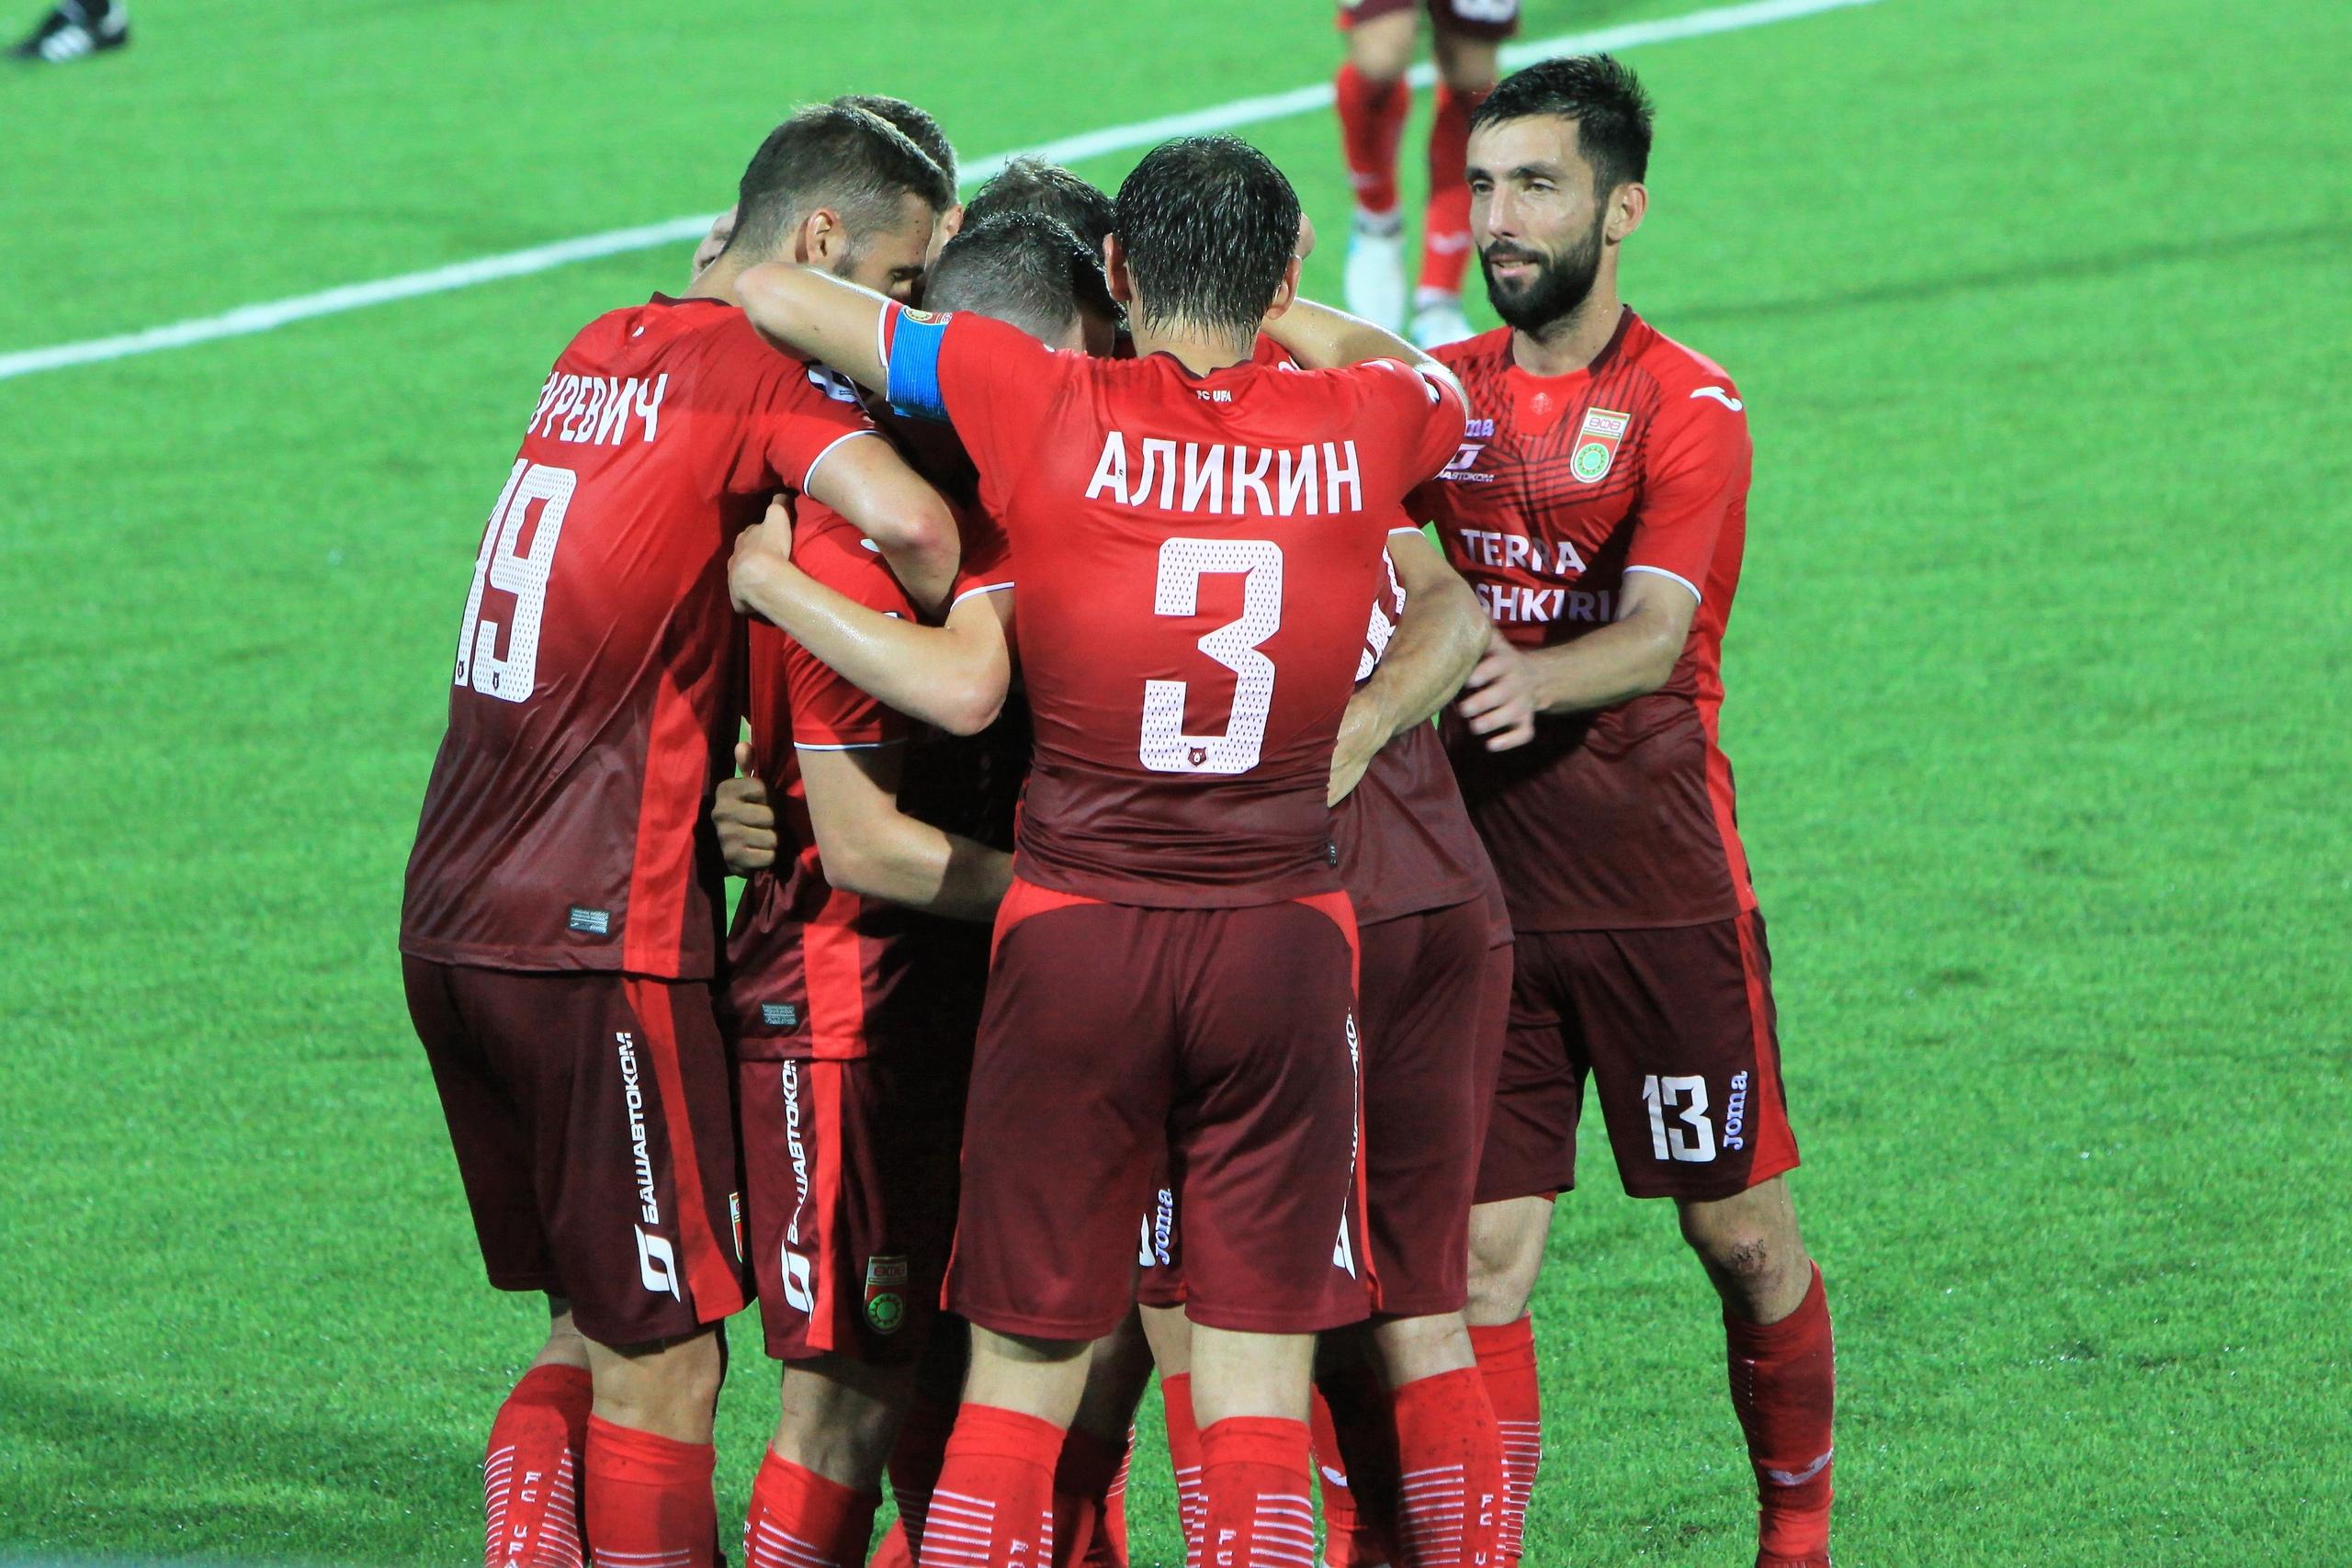 Прогноз на ЛЧ УЕФА: Уфа – Рейнджерс – 30 августа 2018 года